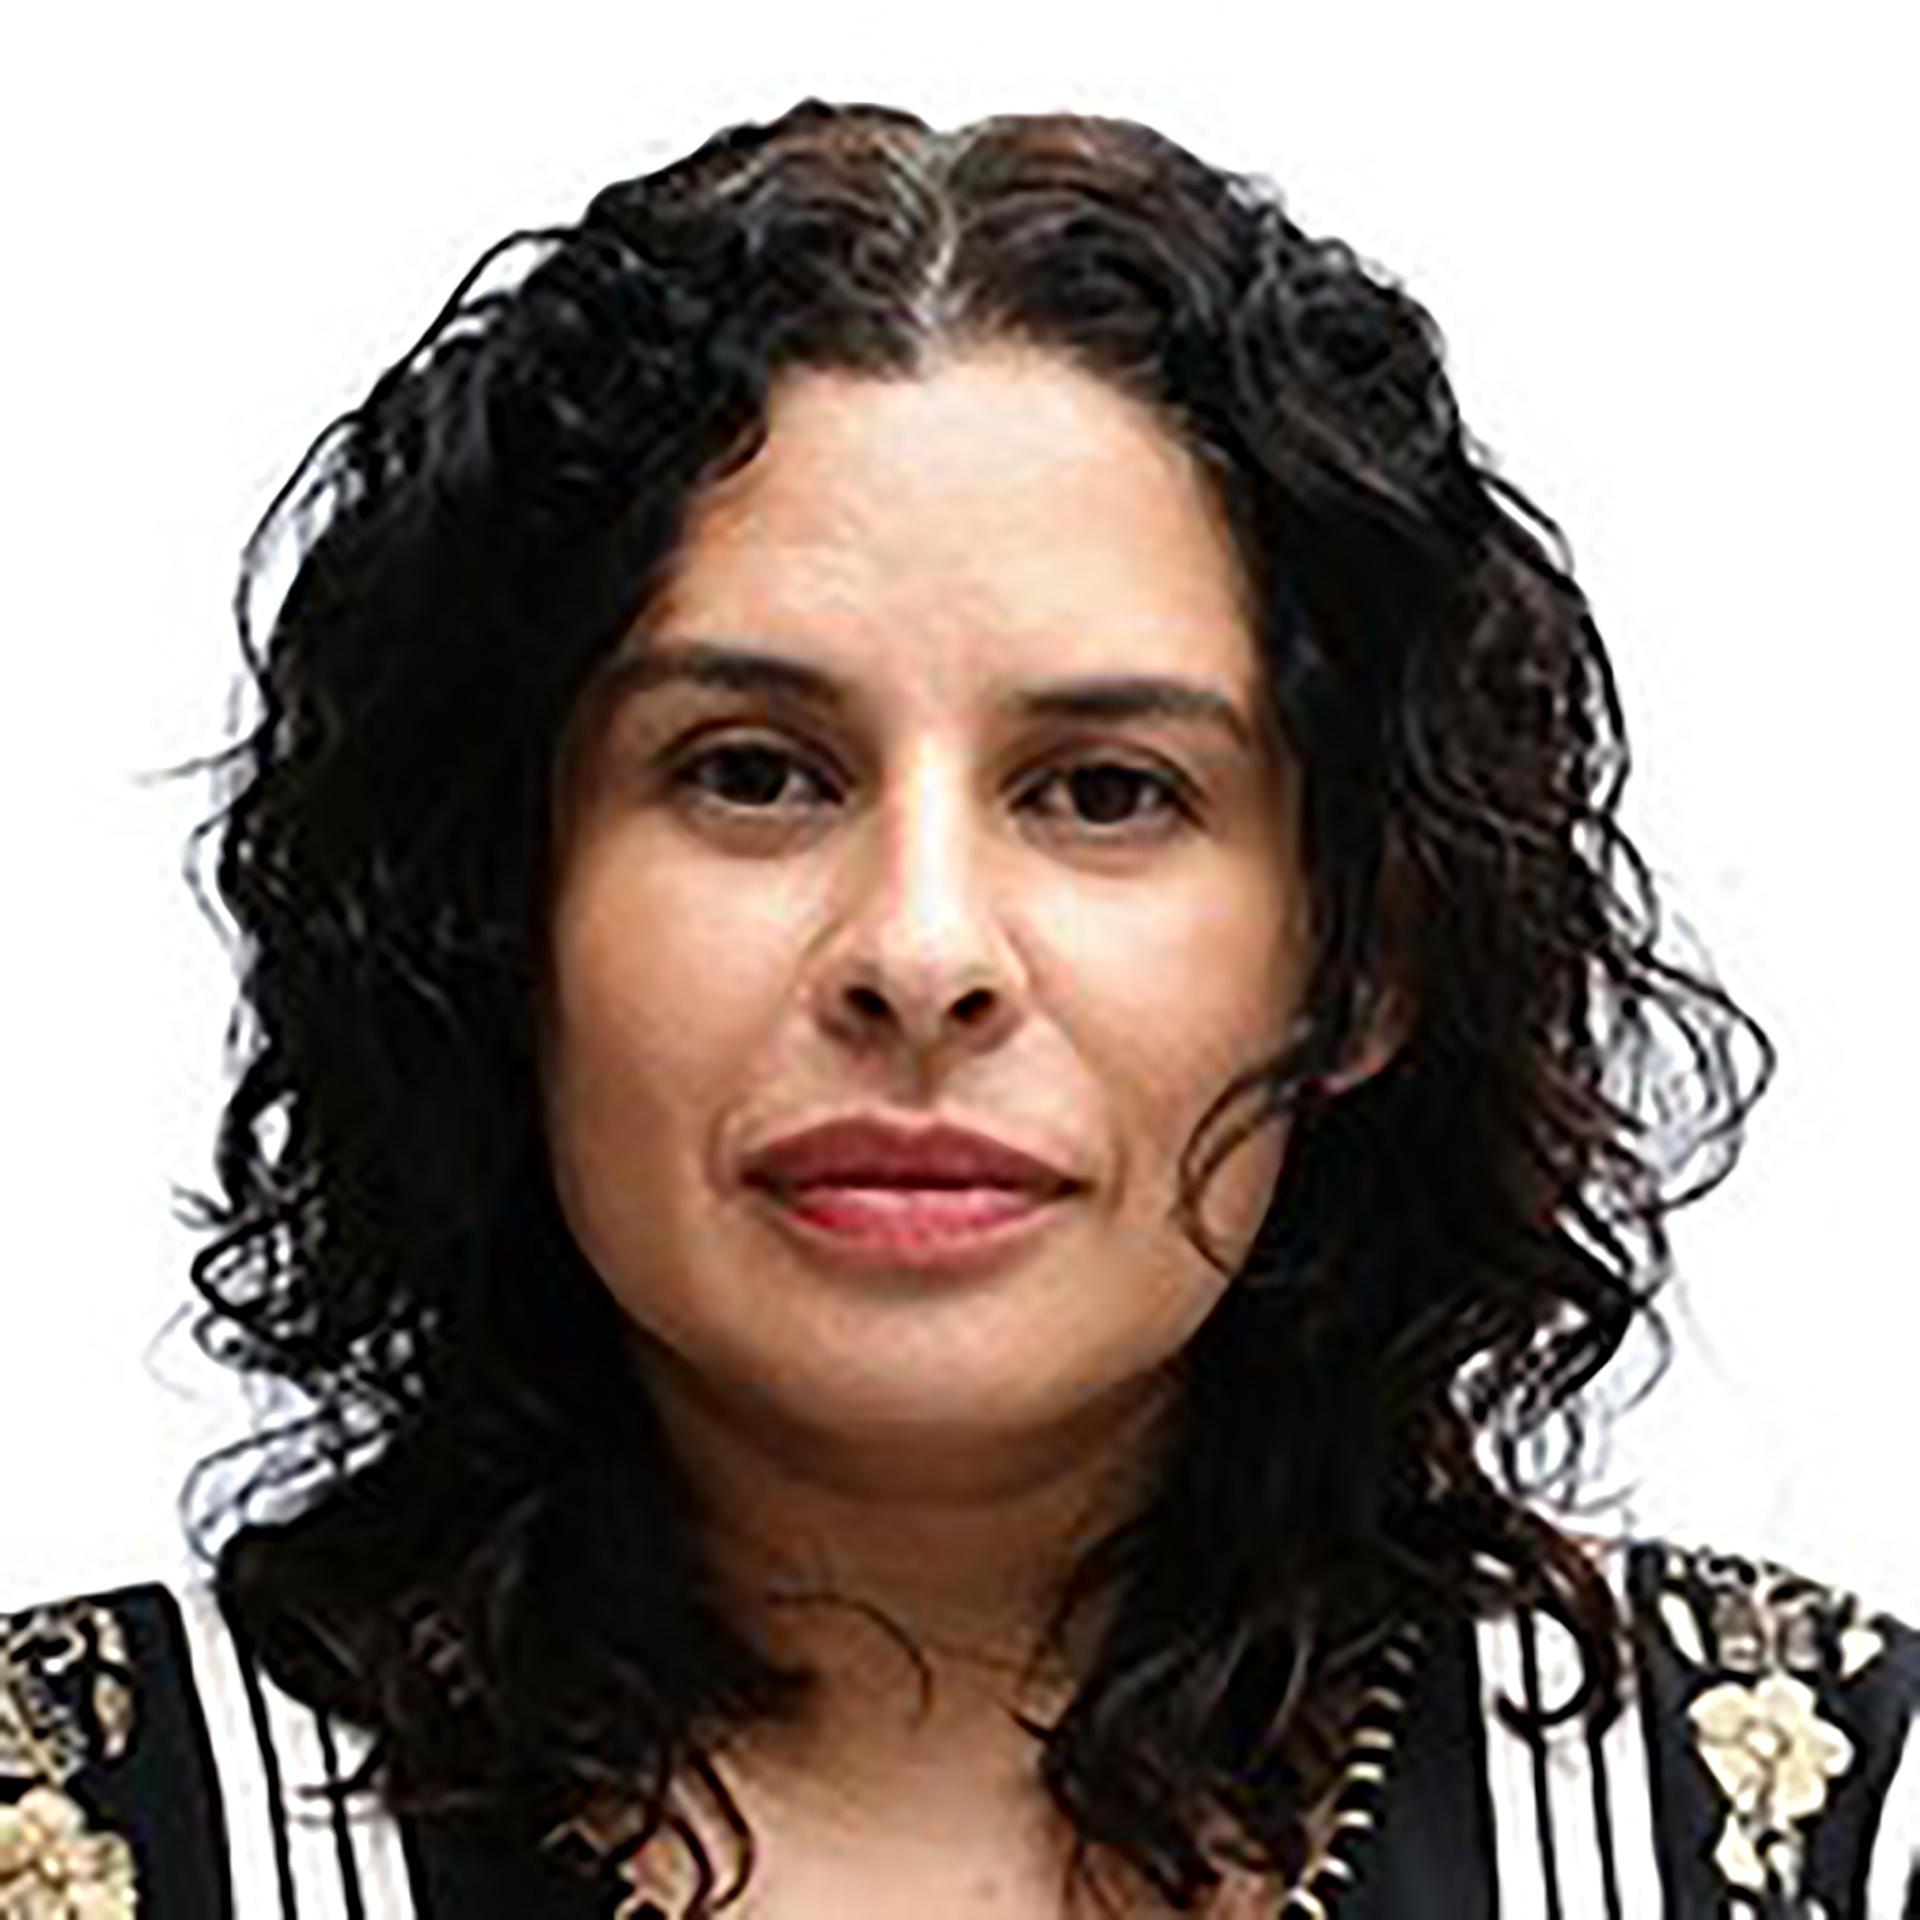 La antropóloga Mónica Godoy, docente despedida de la Universidad de Ibagué.